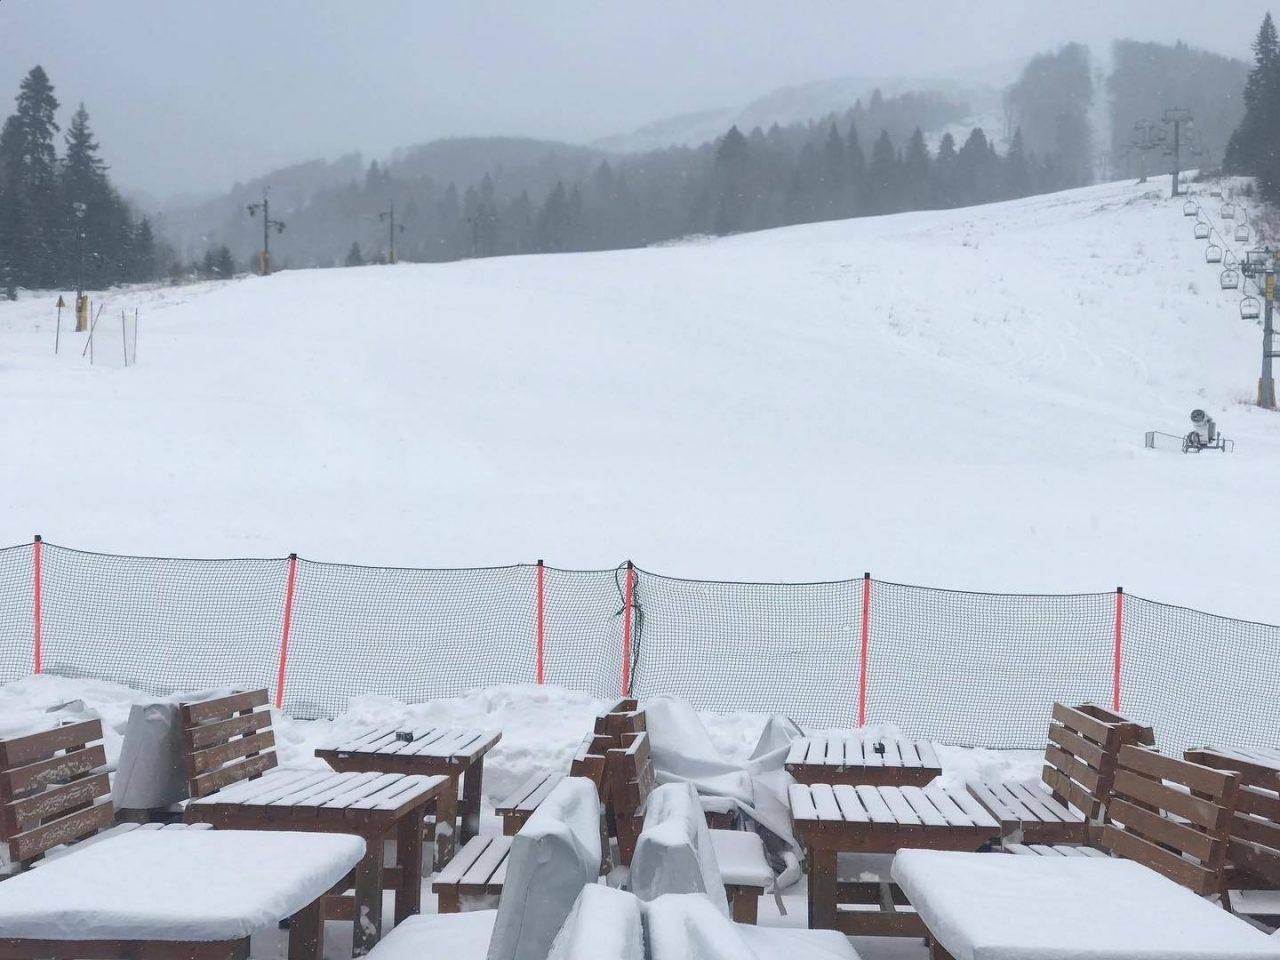 Vikend za skijanje: Visina snijega po gradovima